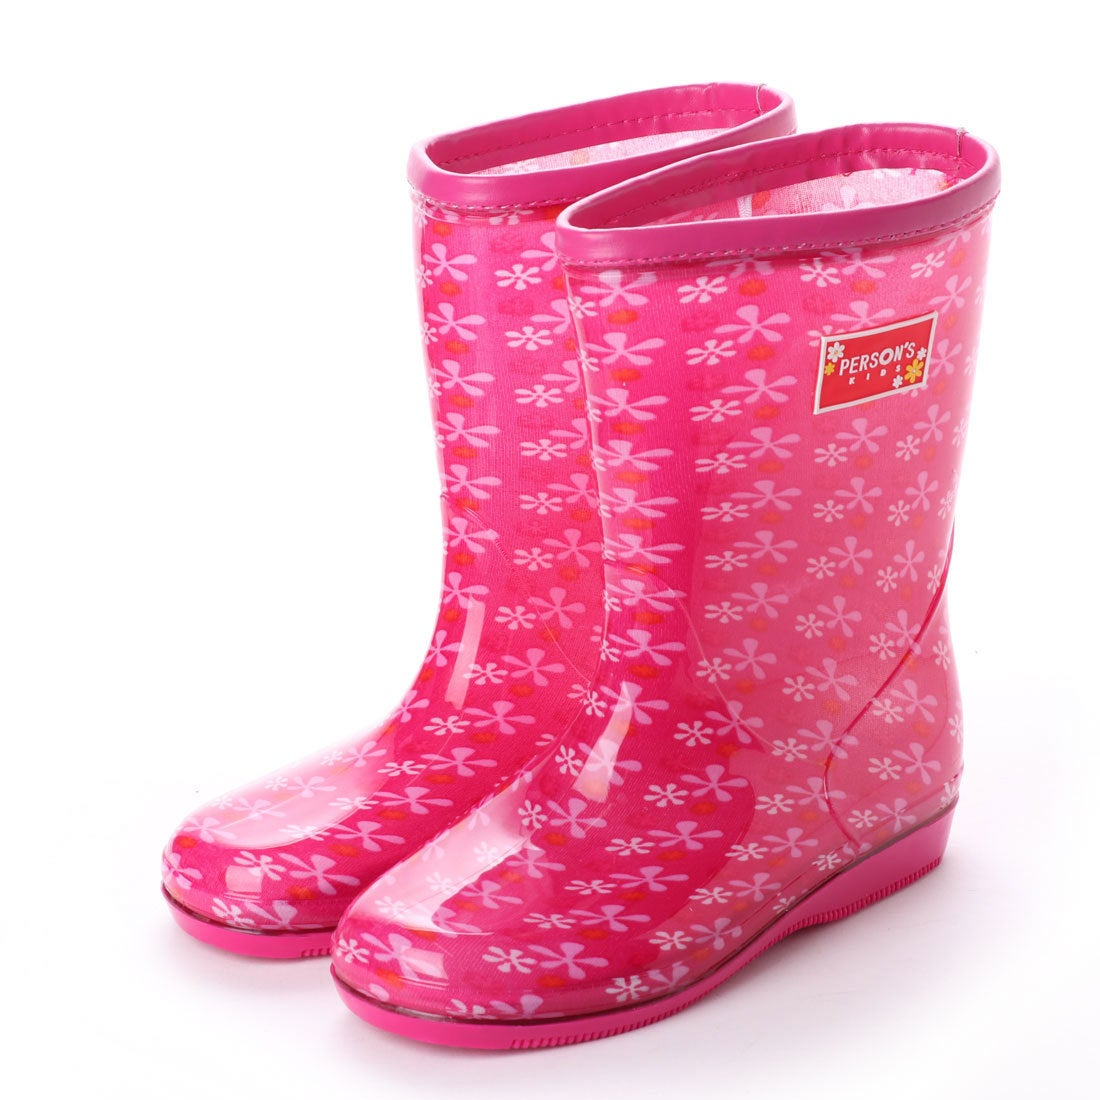 ロコンド 靴とファッションの通販サイトパーソンズキッズ PERSON'S KIDS レインブーツ 長靴 (PINK)